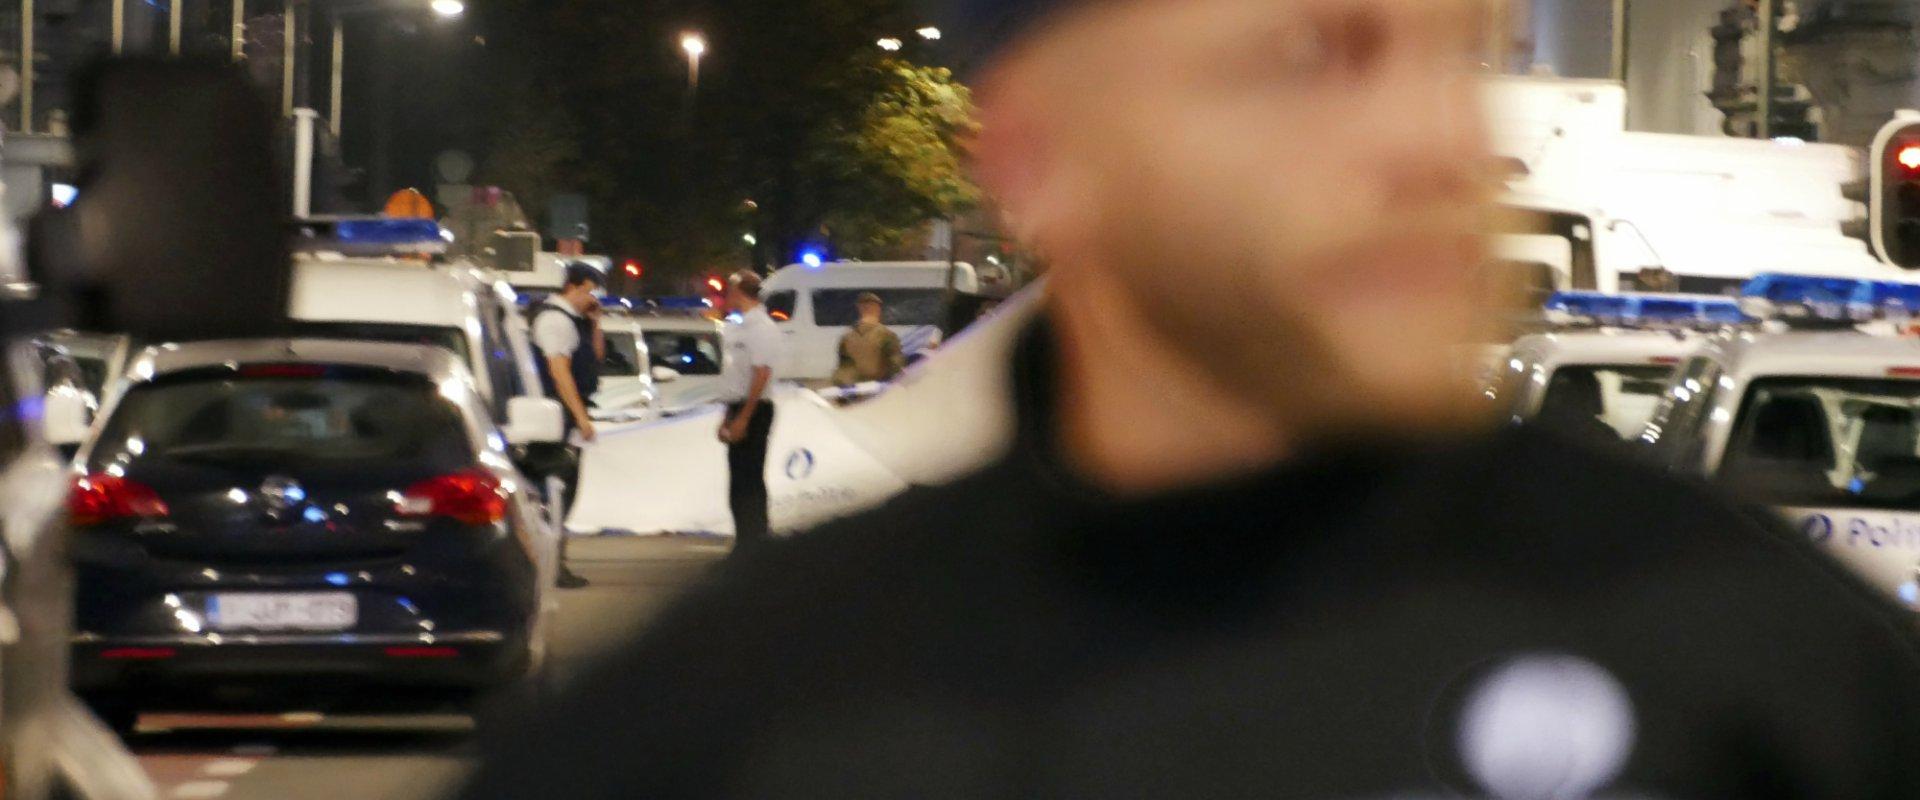 כוחות הביטחון של בלגיה בזירת האירוע